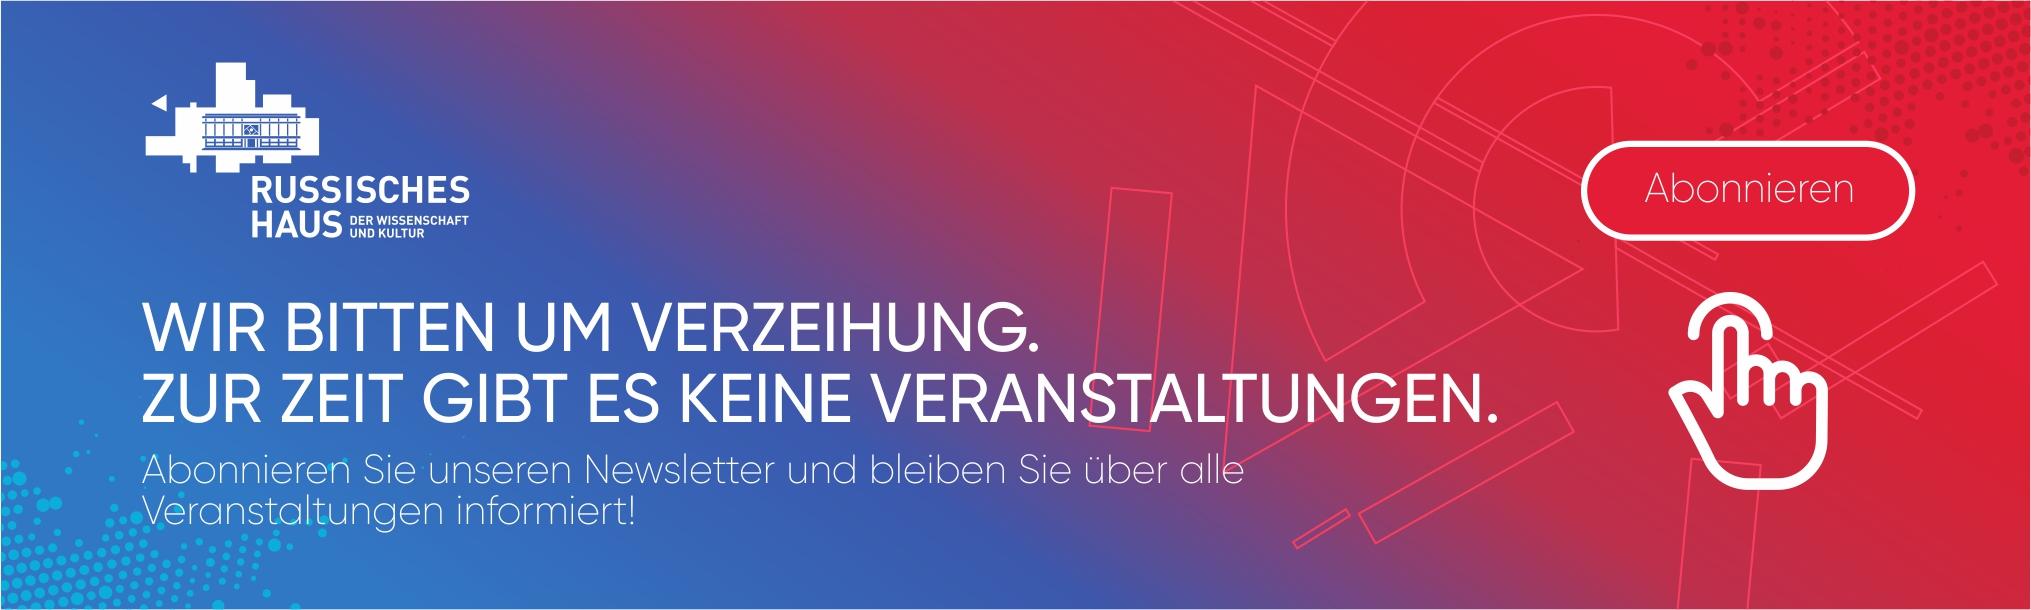 transparent-banner.png